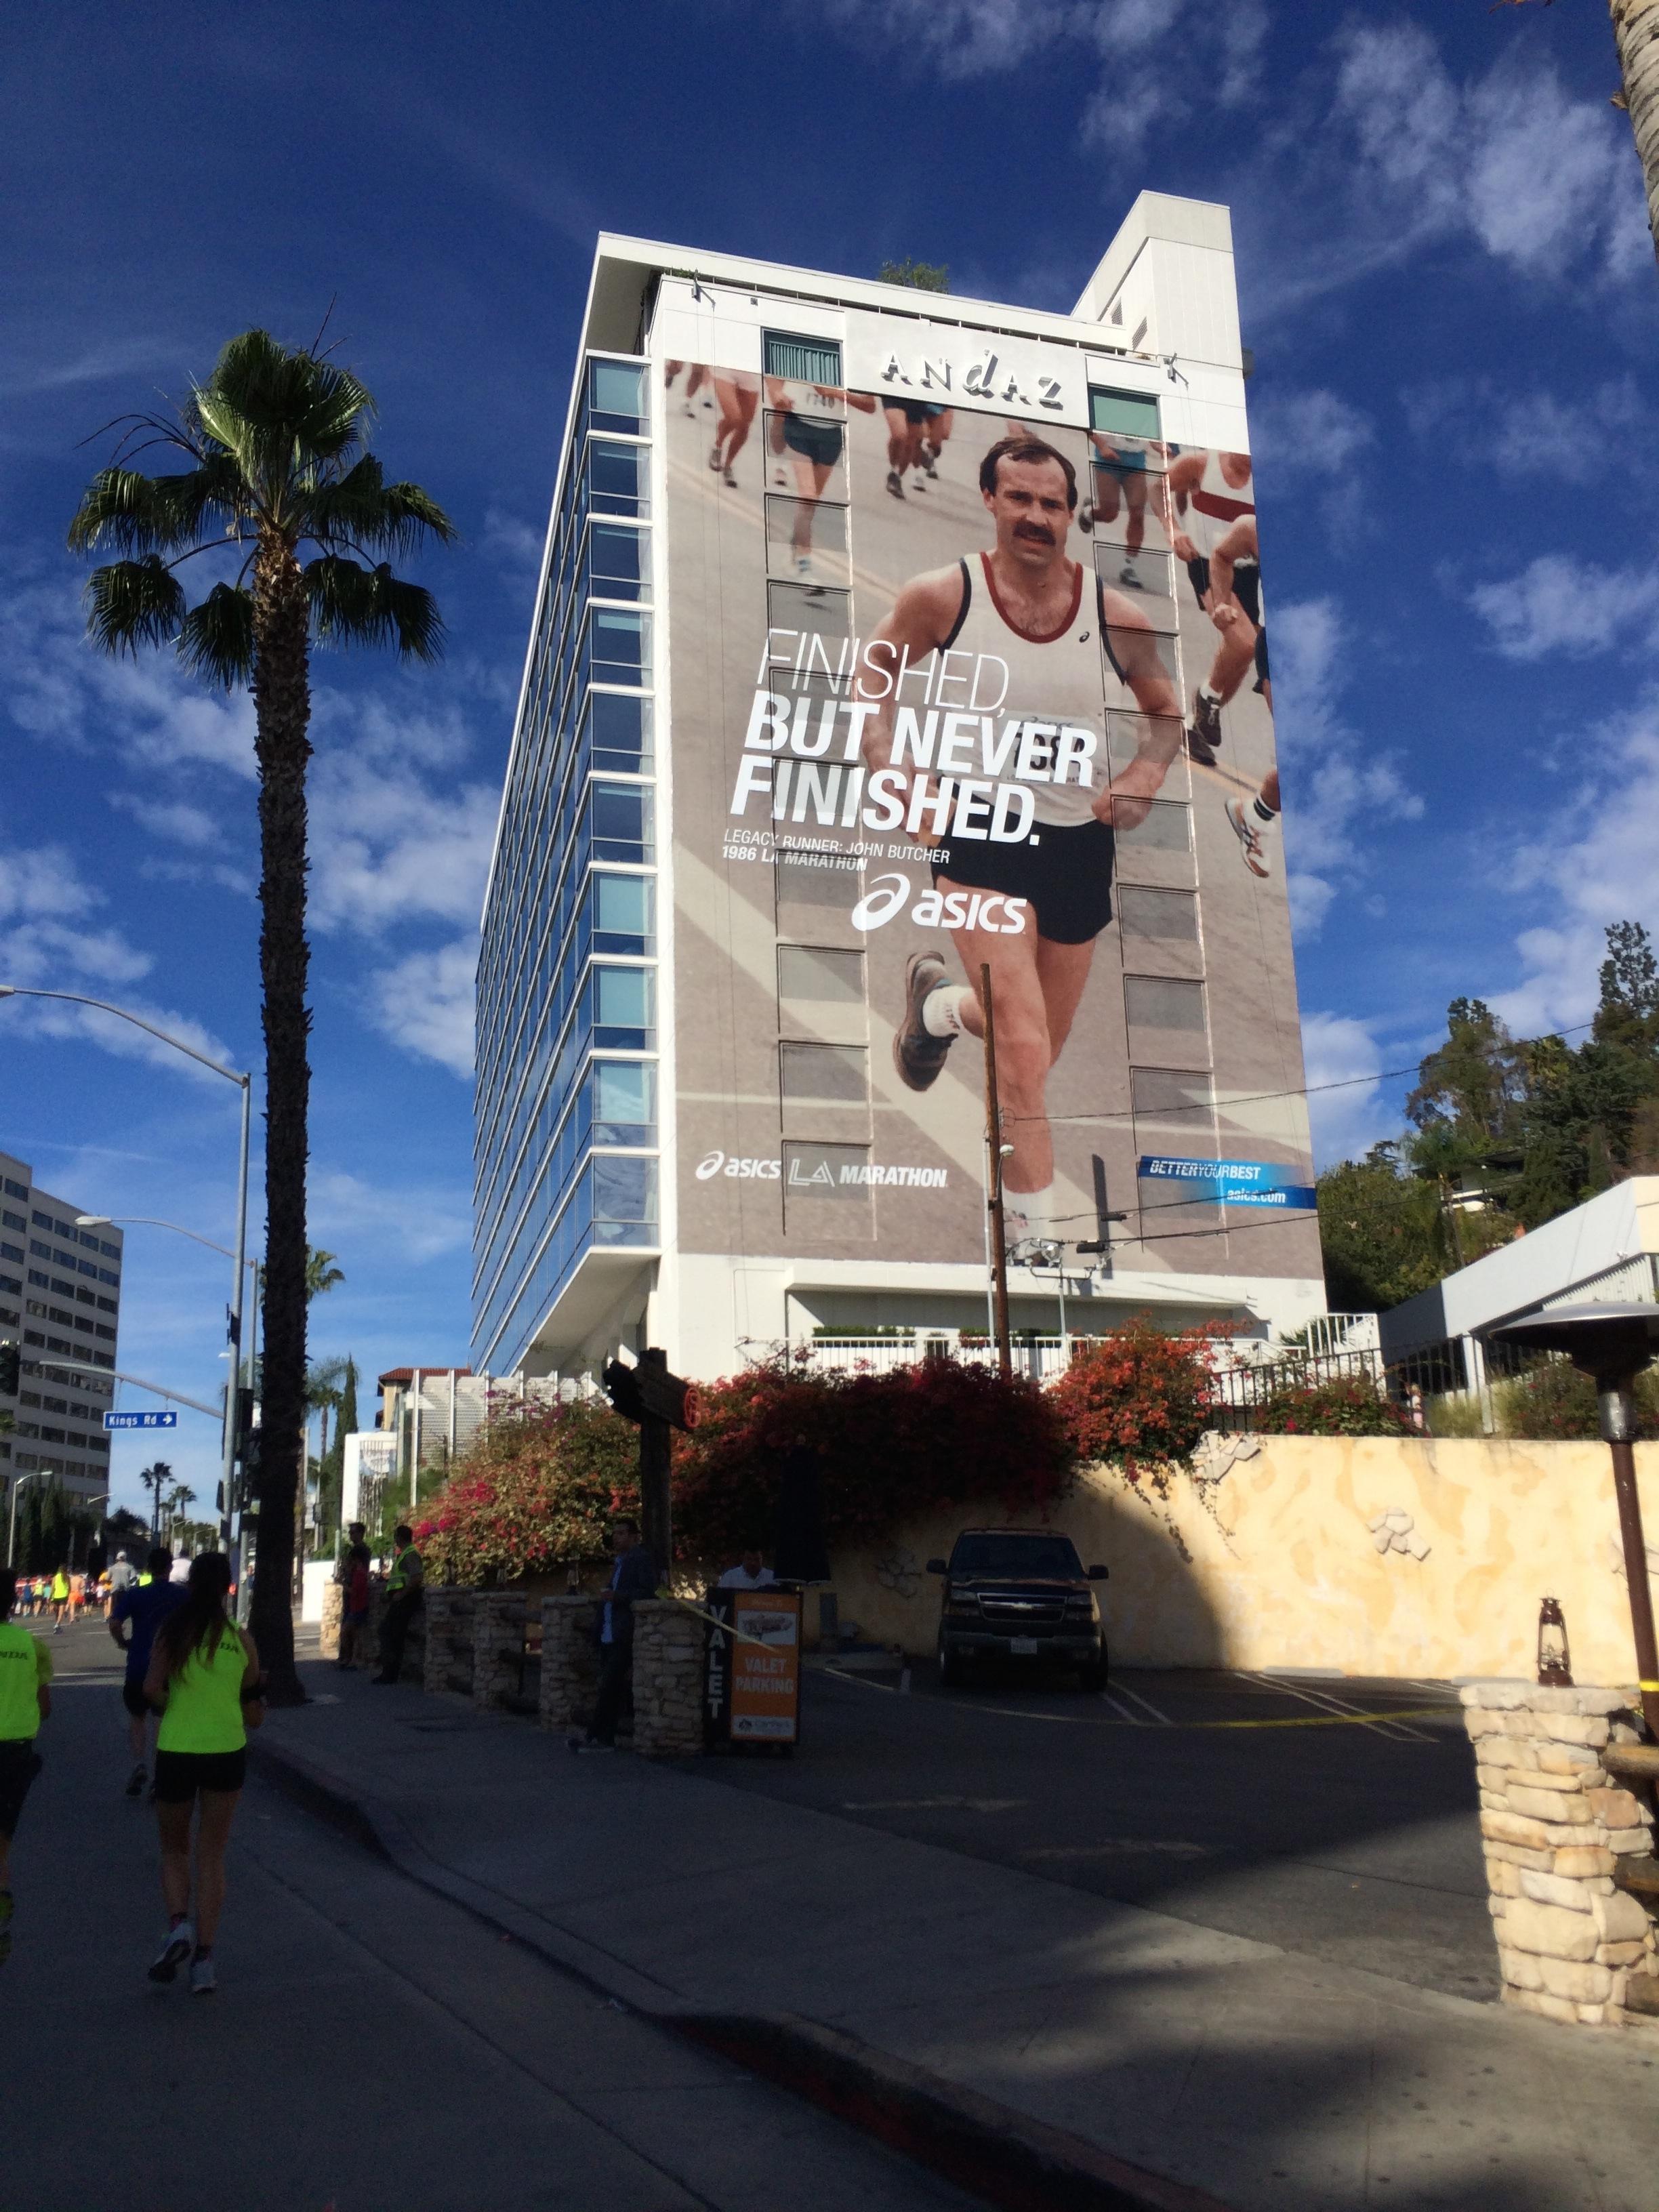 LA-Marathon-Sunset-Blvd